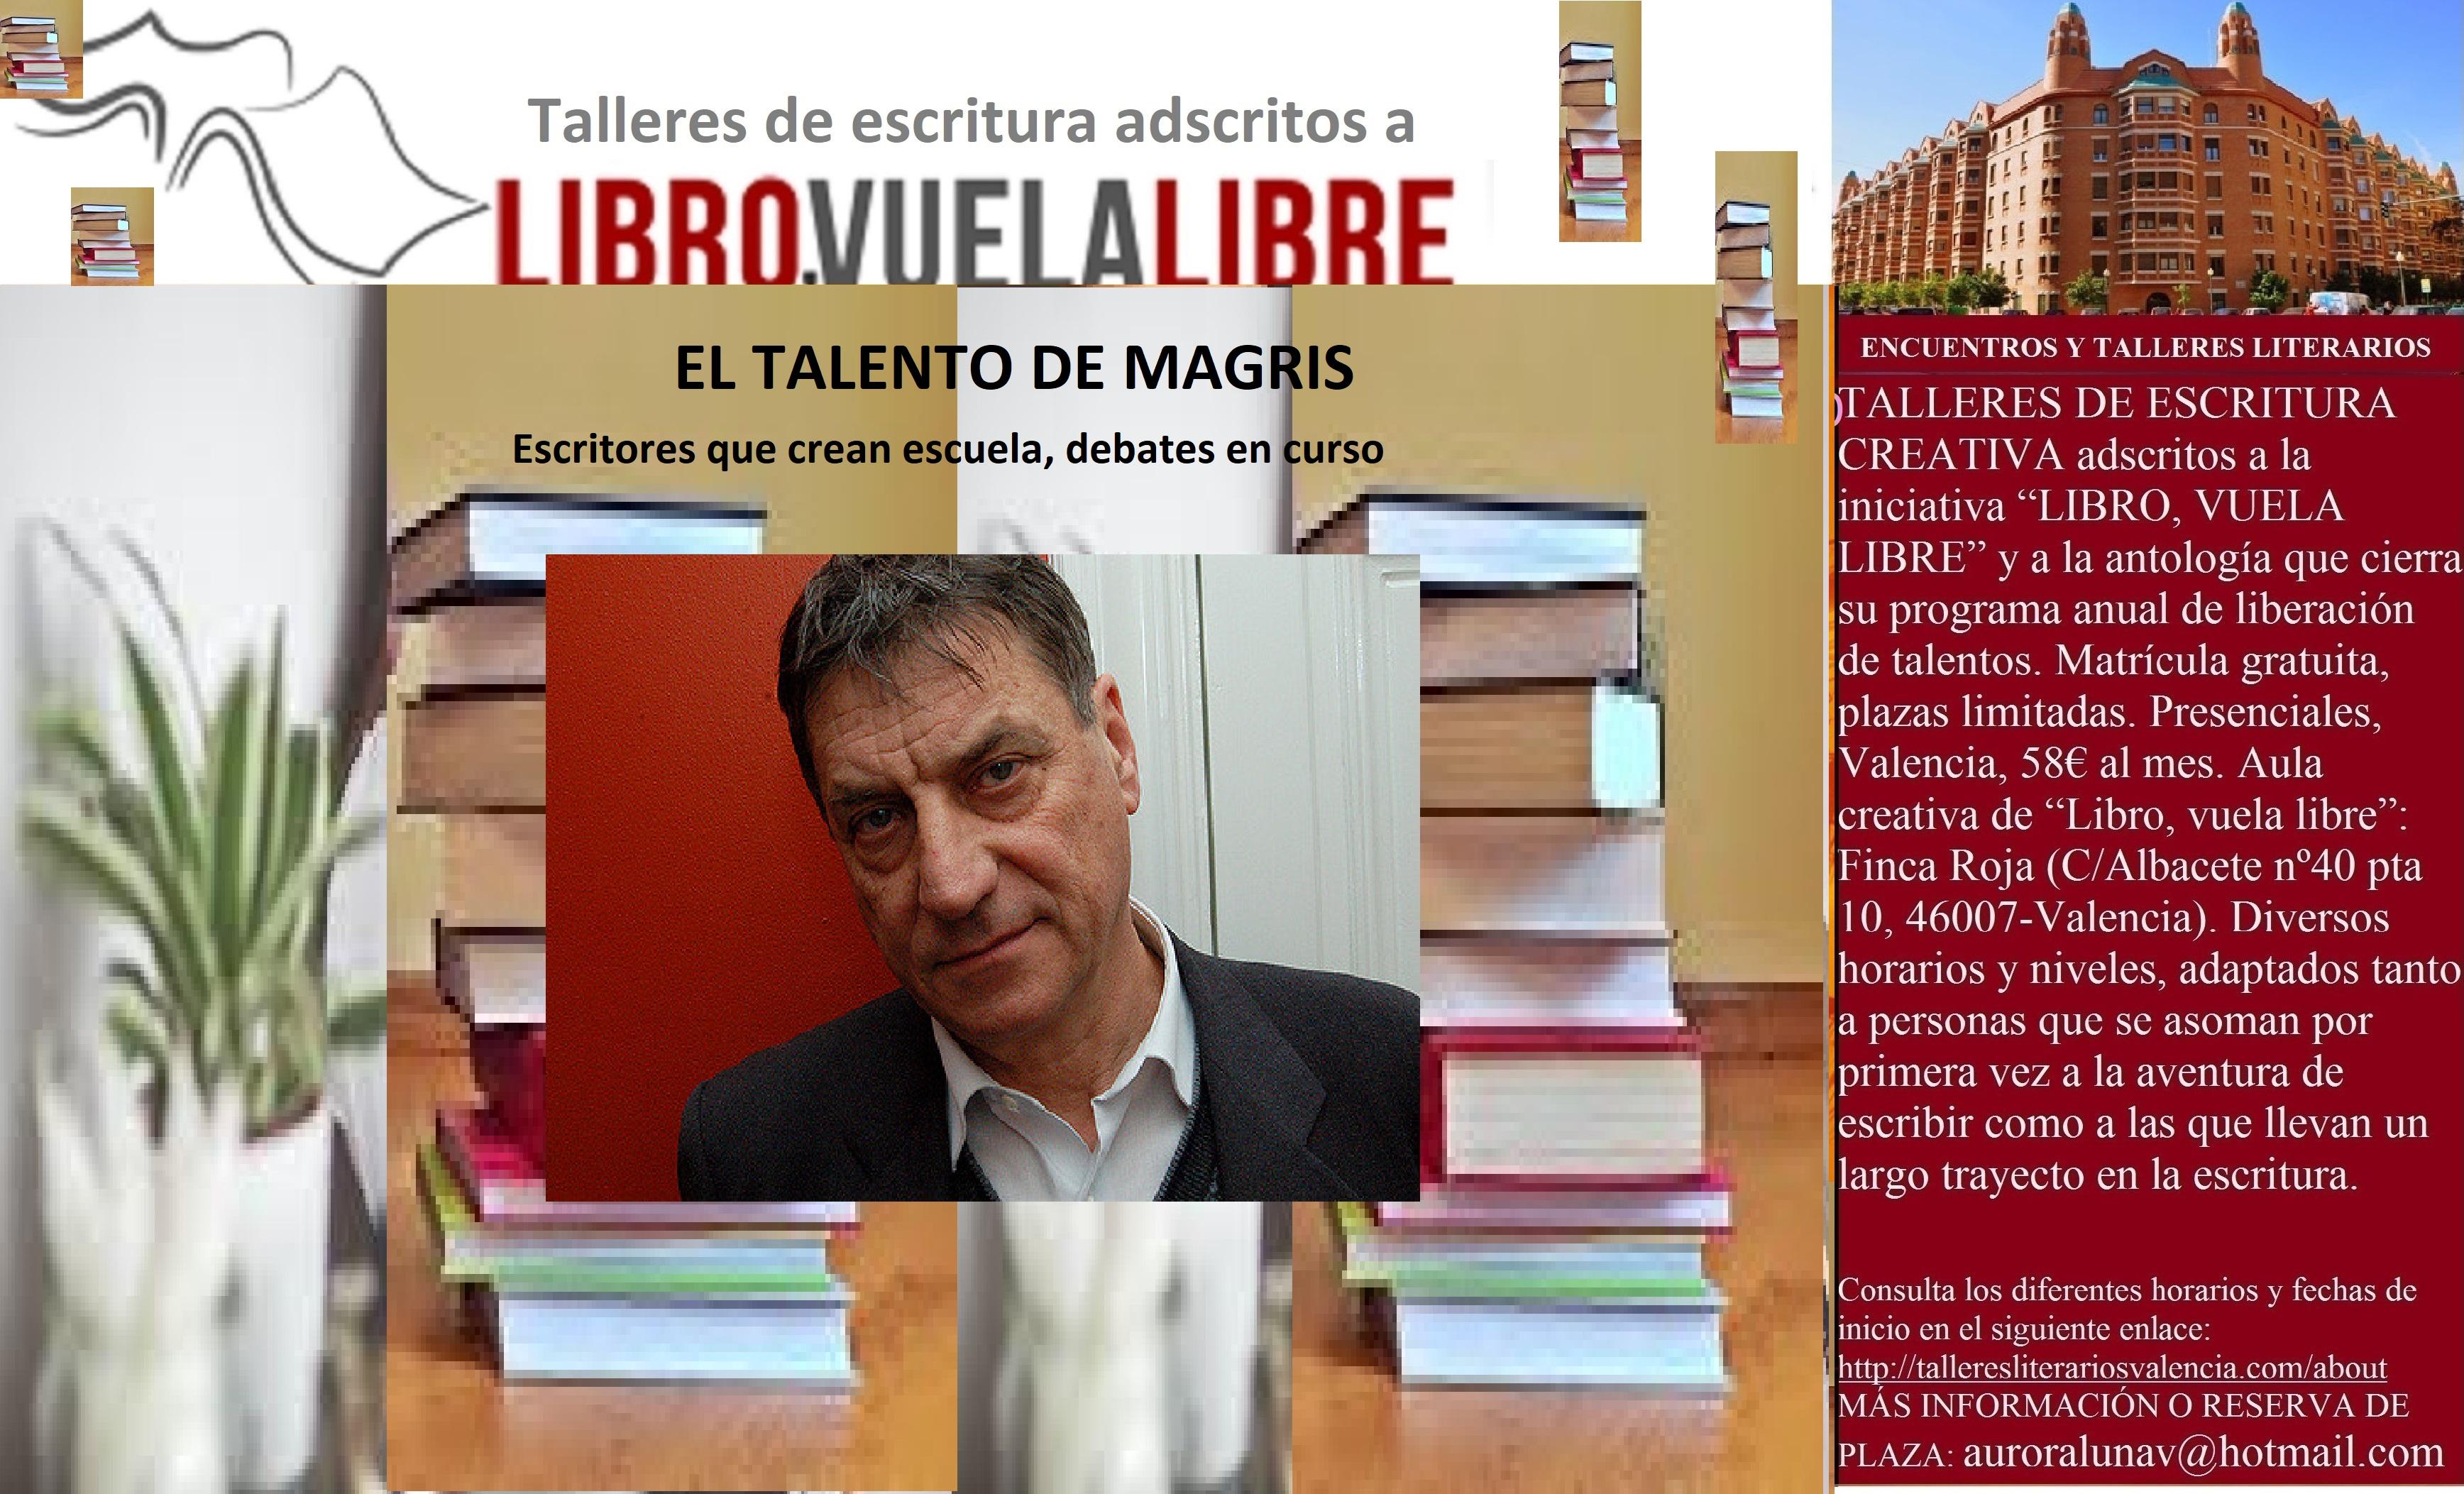 EL TALENTO DE MAGRIS. Escuela de escritura, debates en curso